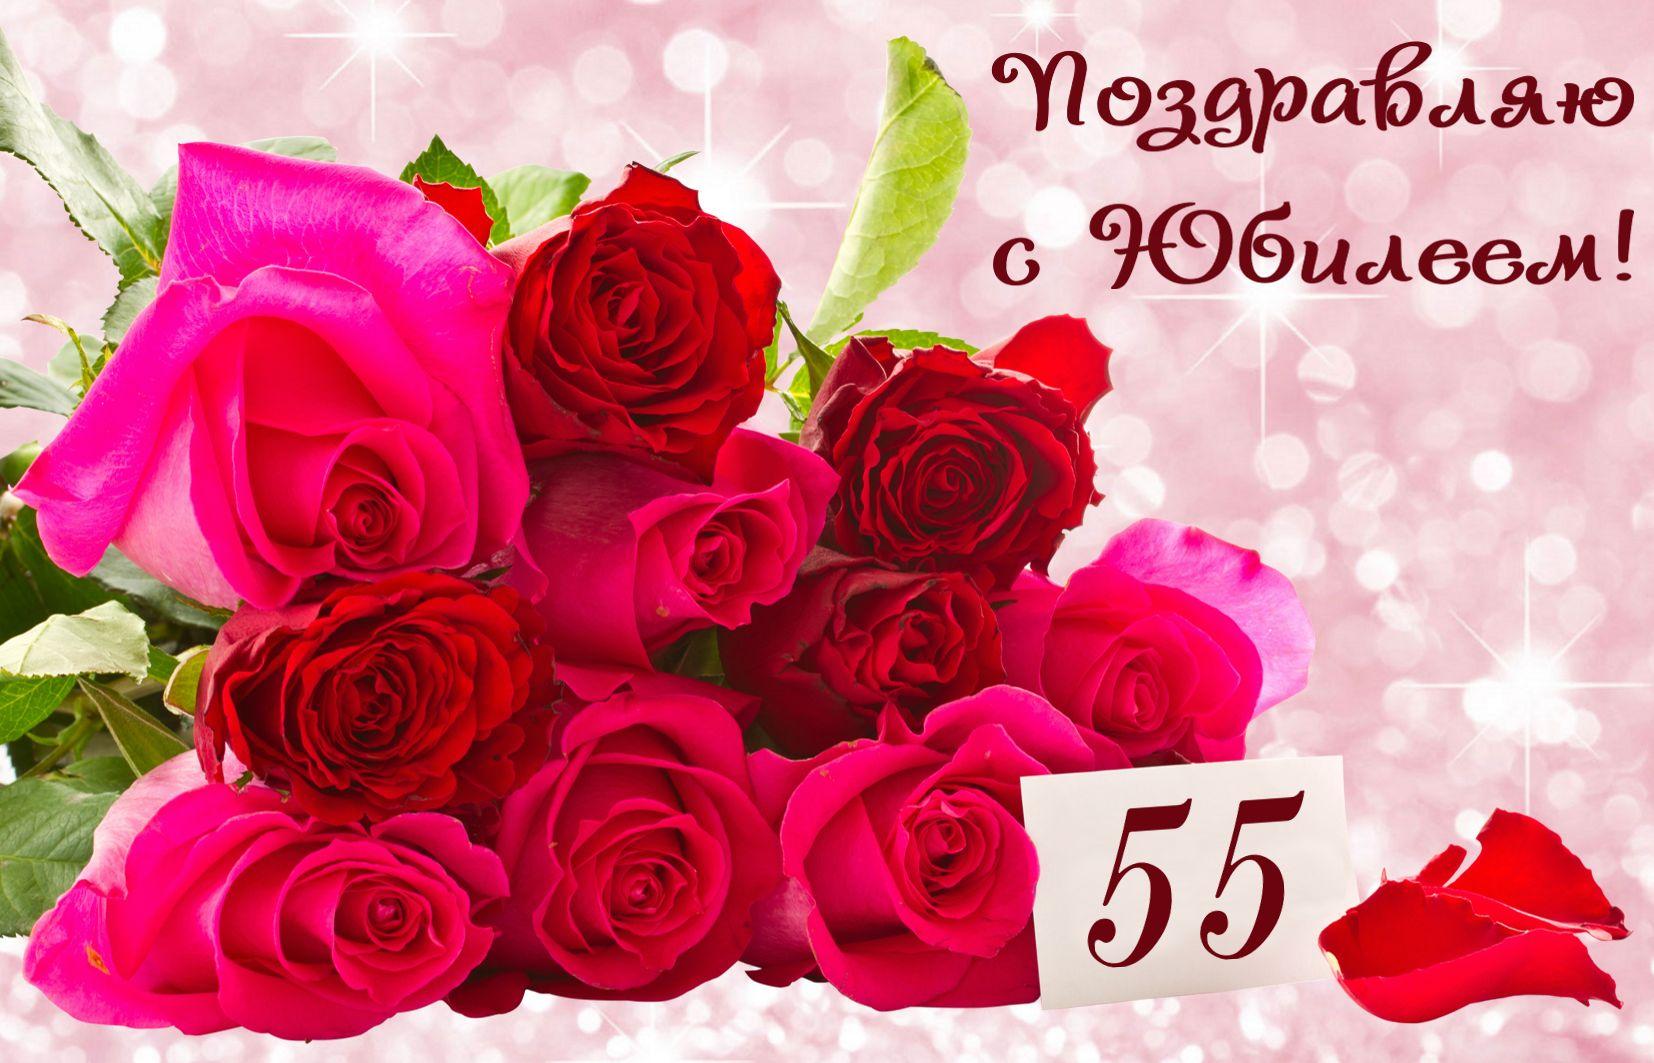 Поздравление с юбилеем 55 сватье фото 44